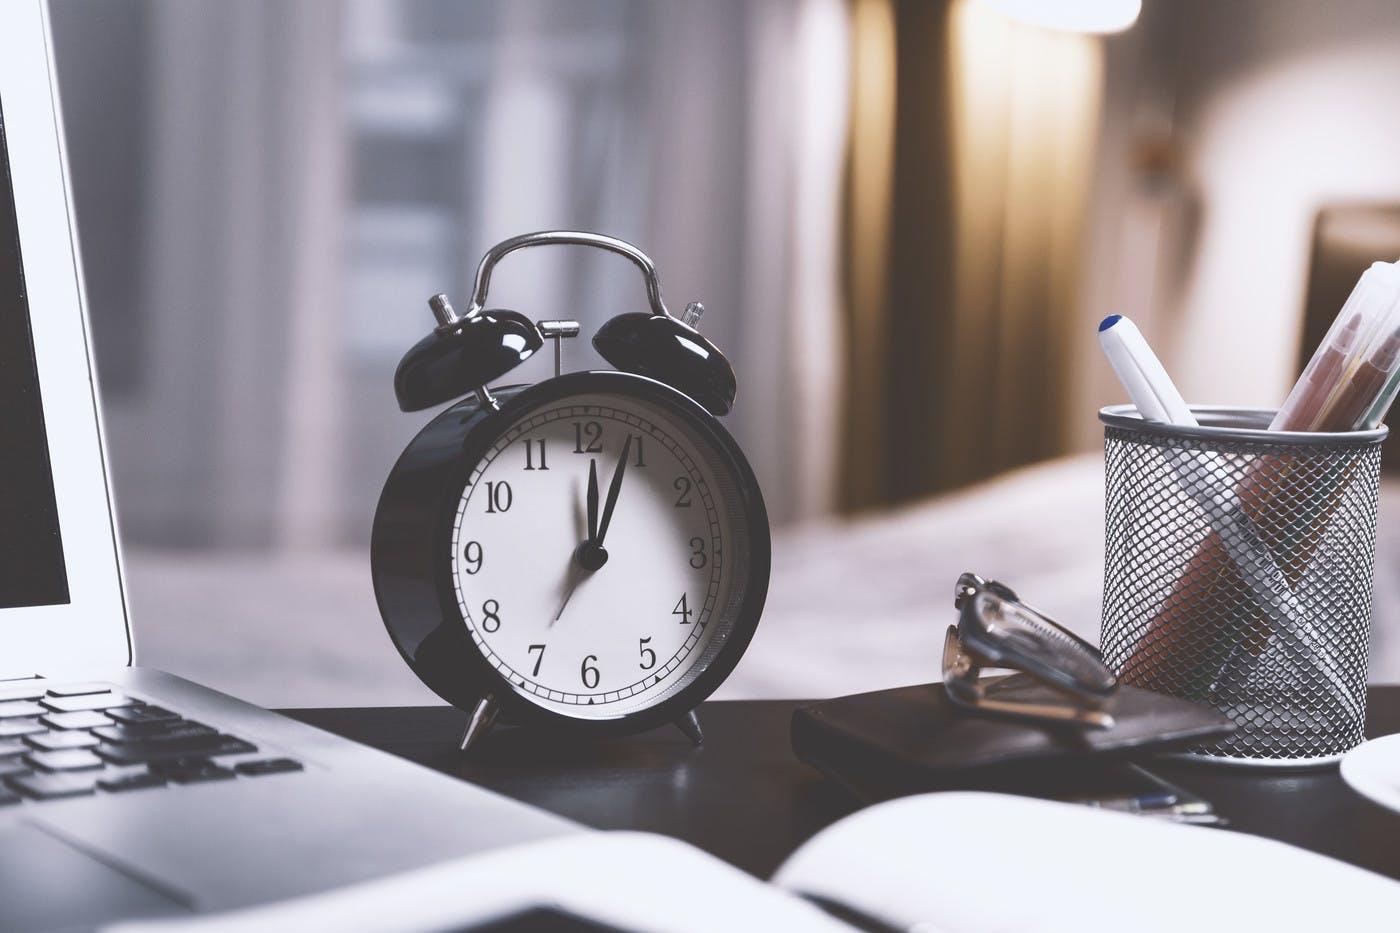 Sabah saatlerinde veya öğle yemeğinden önce birçok görevi tamamlayabileceğinizden eminseniz, tüm dikkat dağıtıcı şeyleri bir kenara bırakarak gitmeniz gerekir.